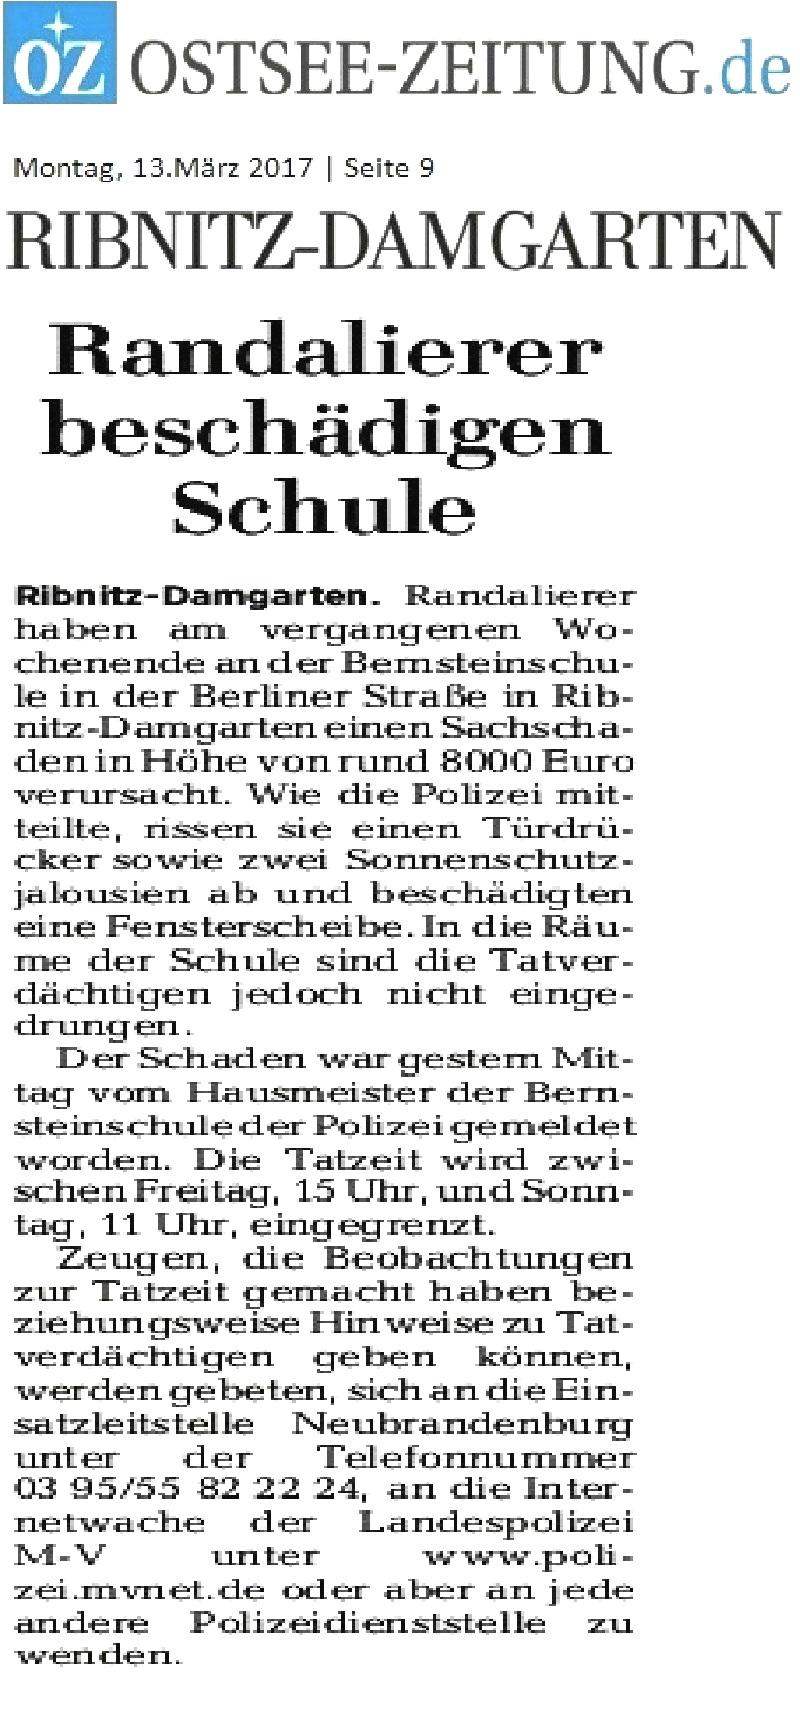 Randalierer beschädigen bernsteinSchule in Ribnitz-Damgarten. Tatzeit etwa von Freitag, den 10.März 2017, 15 Uhr bis Samstag, den 11.März 2017, 11 Uhr. Rund achttausend Euro Schaden wurden von den Vandalen verursacht. Hinweise bitte an die Polizei.